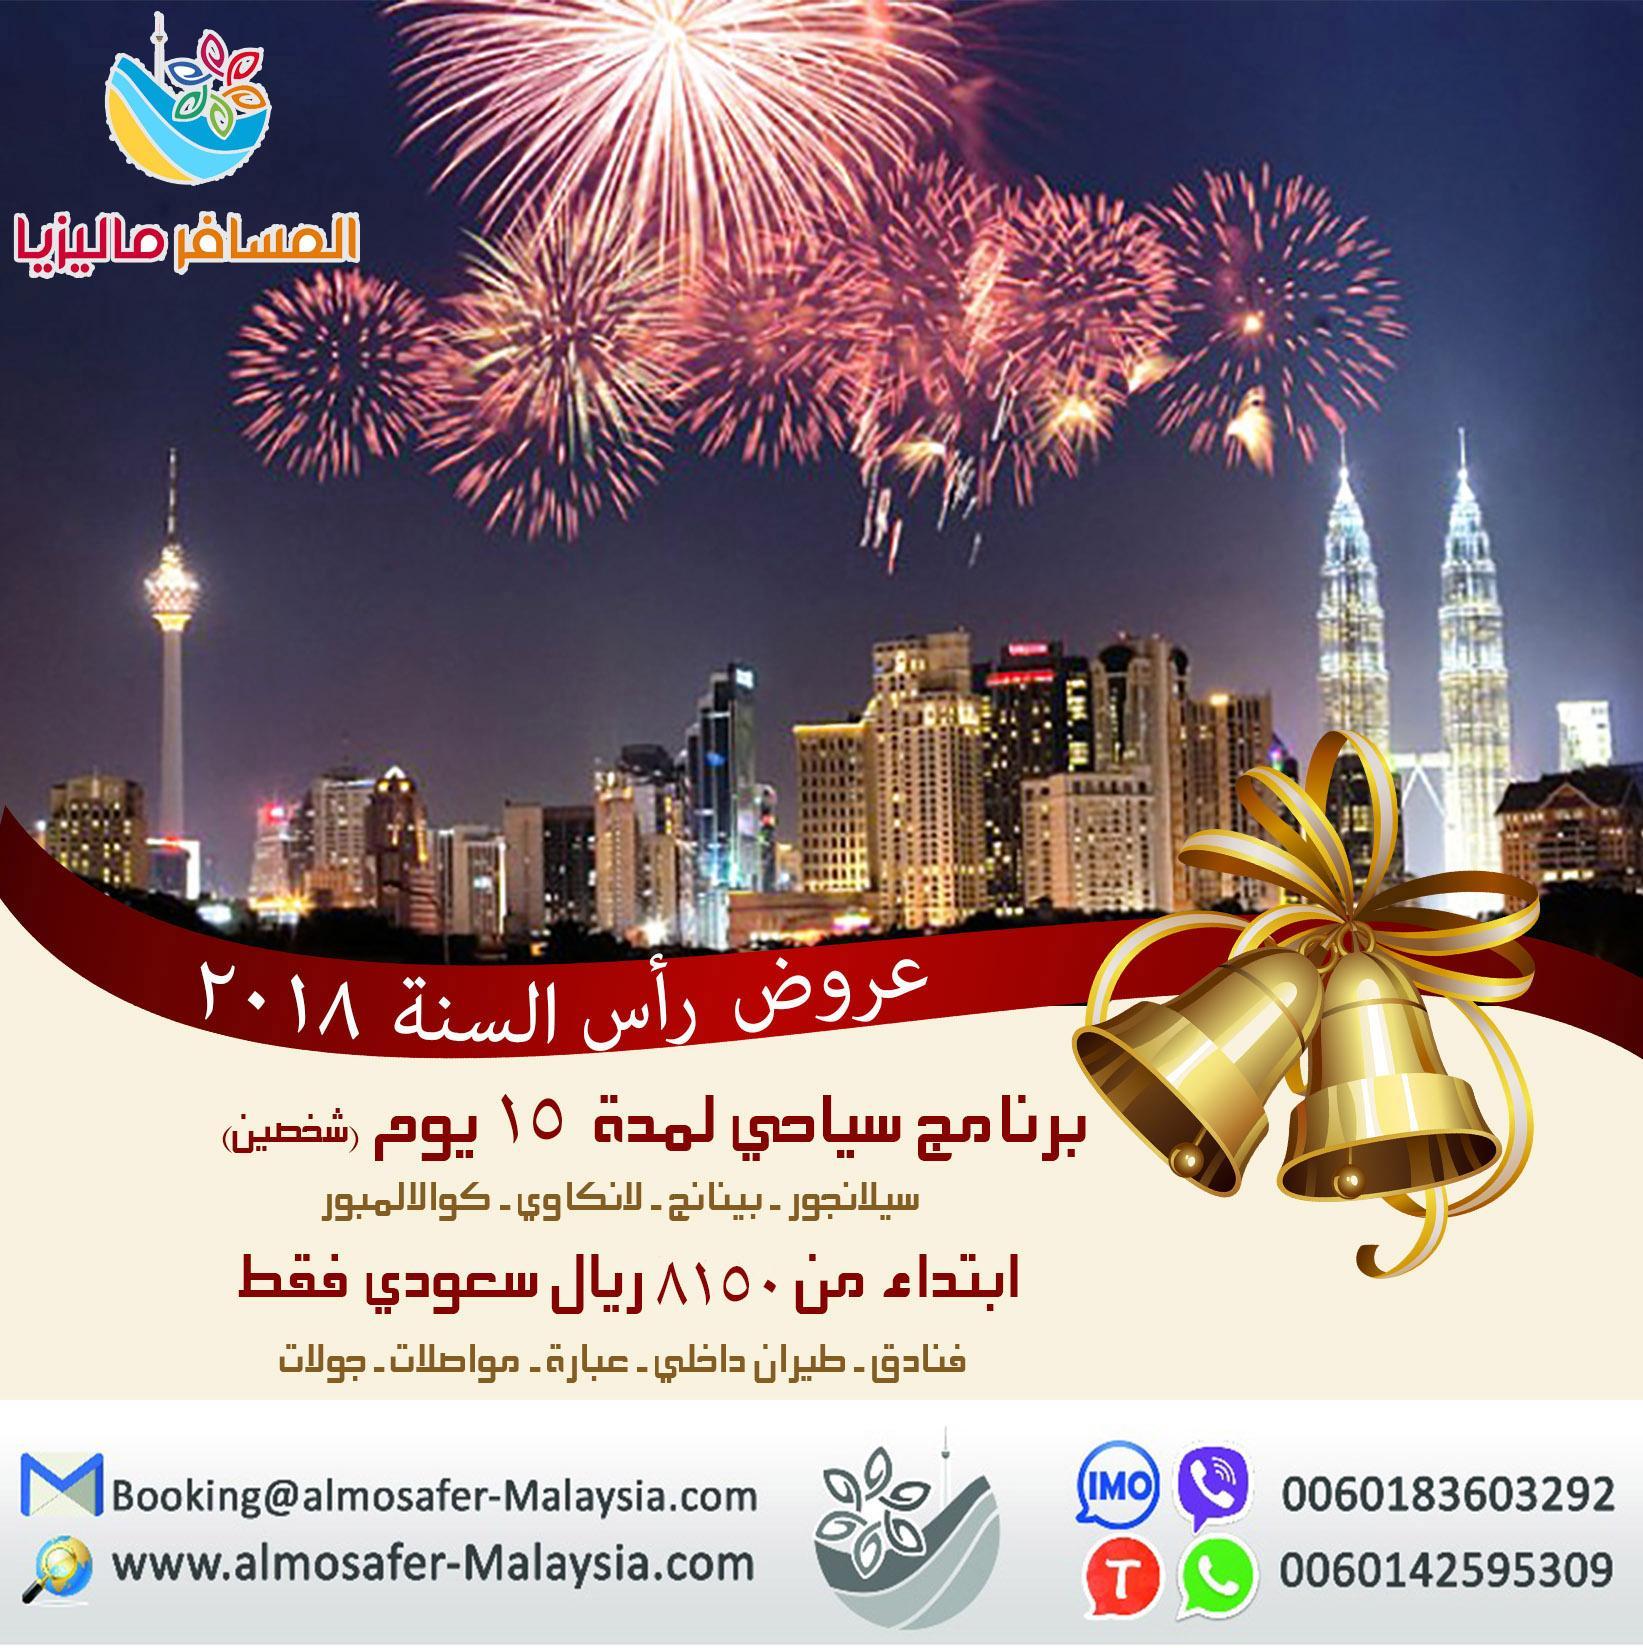 (العام الجديد أحلى معنا في ماليزيا) باكج لمدة 15يوم!